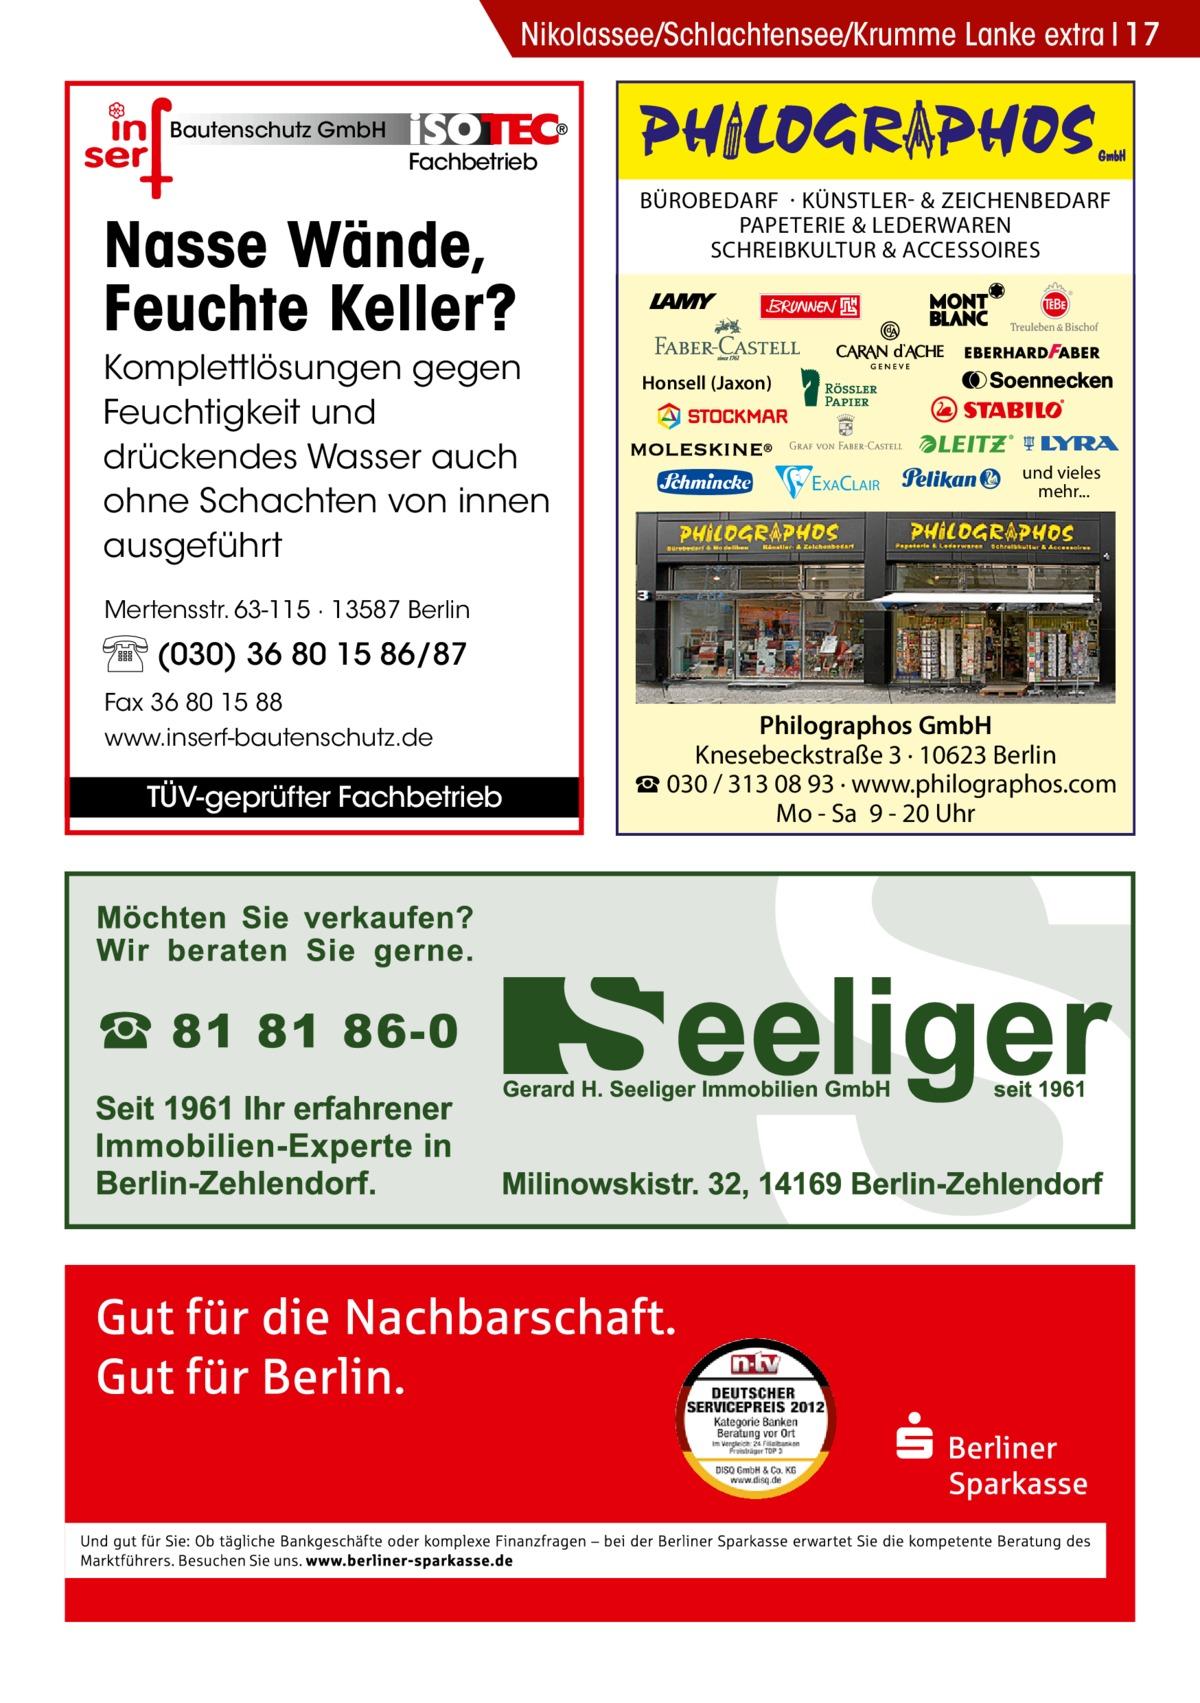 Nikolassee/Schlachtensee/Krumme Lanke extra 17 Bautenschutz GmbH  Fachbetrieb  Nasse Wände, Feuchte Keller? Komplettlösungen gegen Feuchtigkeit und drückendes Wasser auch ohne Schachten von innen ausgeführt  BÜROBEDARF · KÜNSTLER- & ZEICHENBEDARF PAPETERIE & LEDERWAREN SCHREIBKULTUR & ACCESSOIRES  Honsell (Jaxon)  EXACLAIR  und vieles mehr...  Mertensstr. 63-115 · 13587 Berlin  (030) 36 80 15 86/87 Fax 36 80 15 88 www.inserf-bautenschutz.de  TÜV-geprüfter Fachbetrieb  Philographos GmbH Knesebeckstraße 3 · 10623 Berlin ☎ 030 / 313 08 93 · www.philographos.com Mo - Sa 9 - 20 Uhr